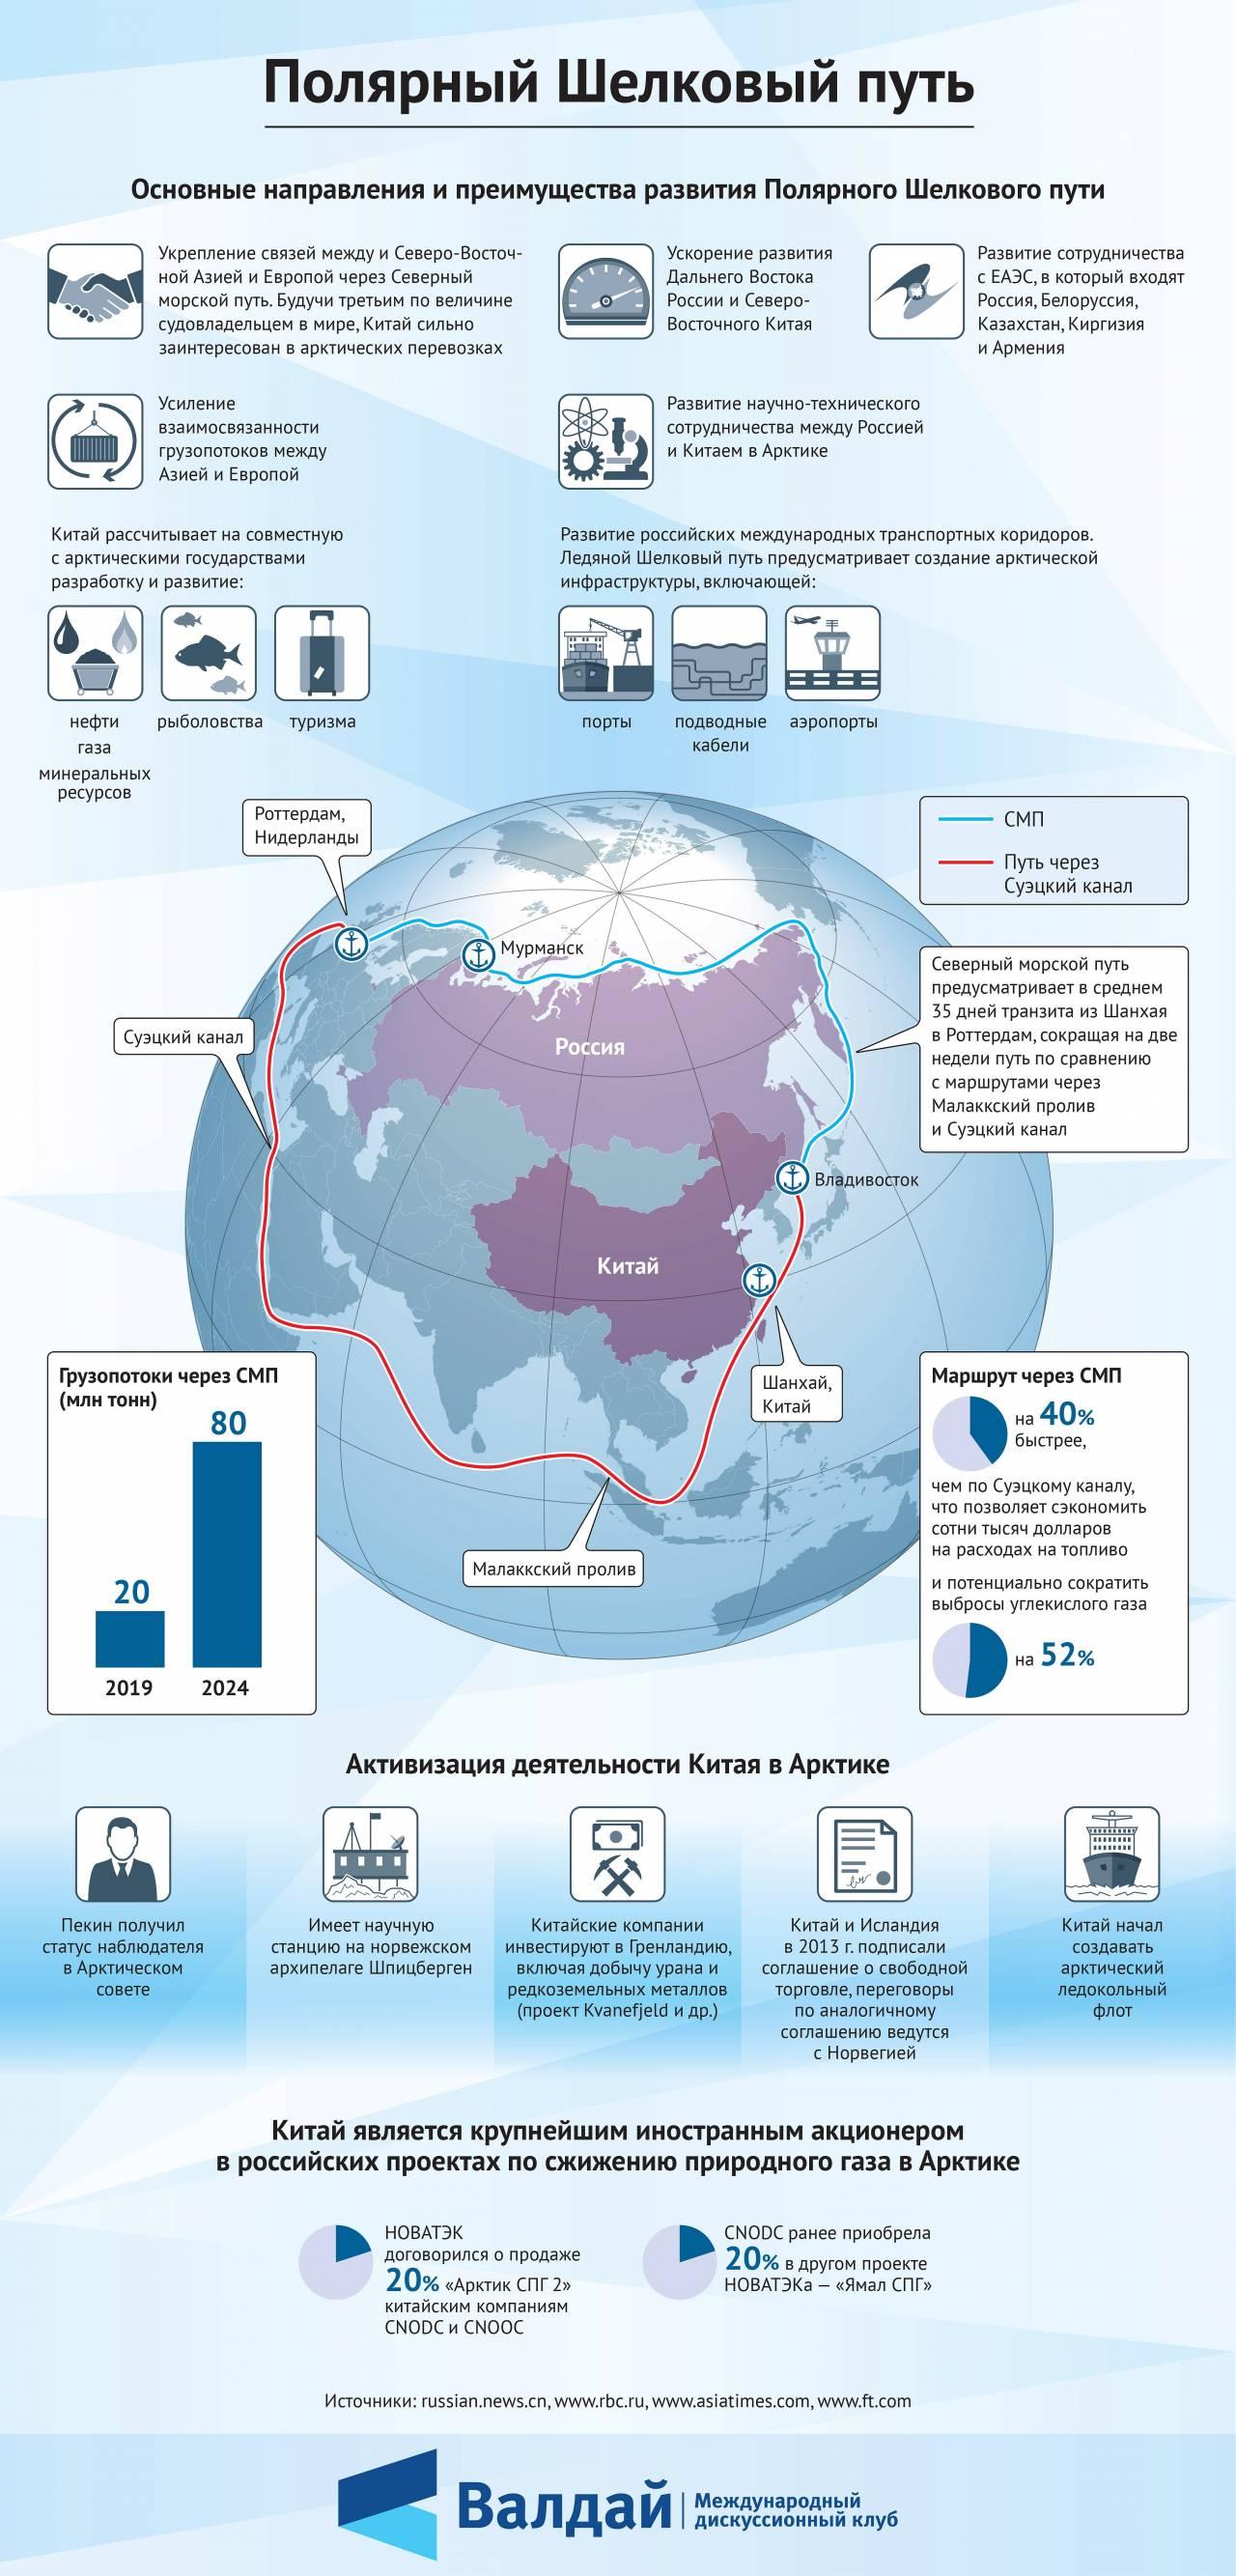 План Китая по завоеванию Арктики. Полярный Шелковый путь